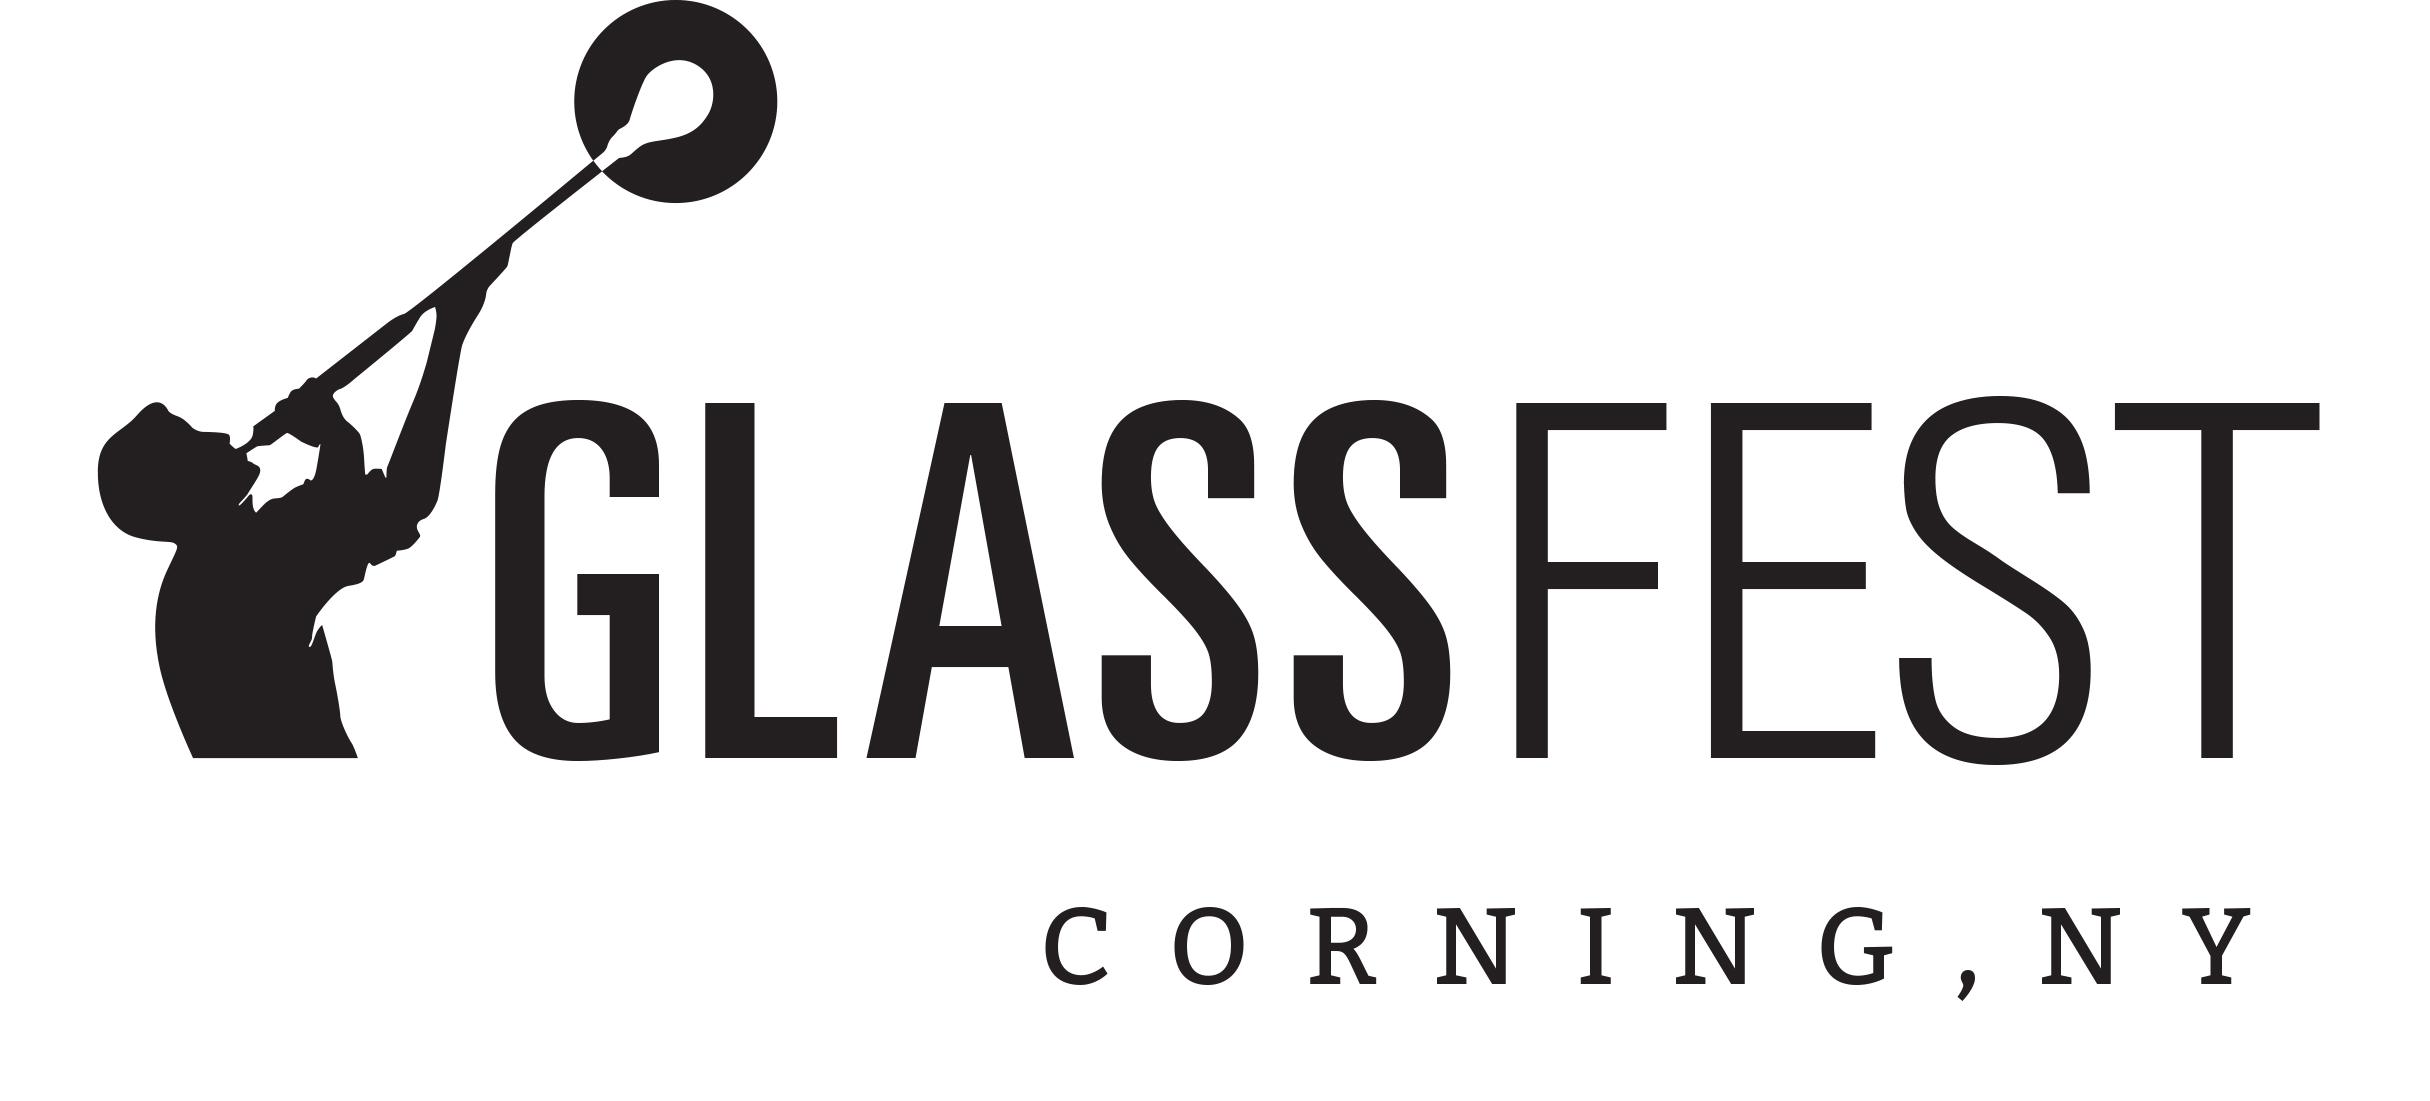 Corning's Gaffer District Announces Returning Sponsor for